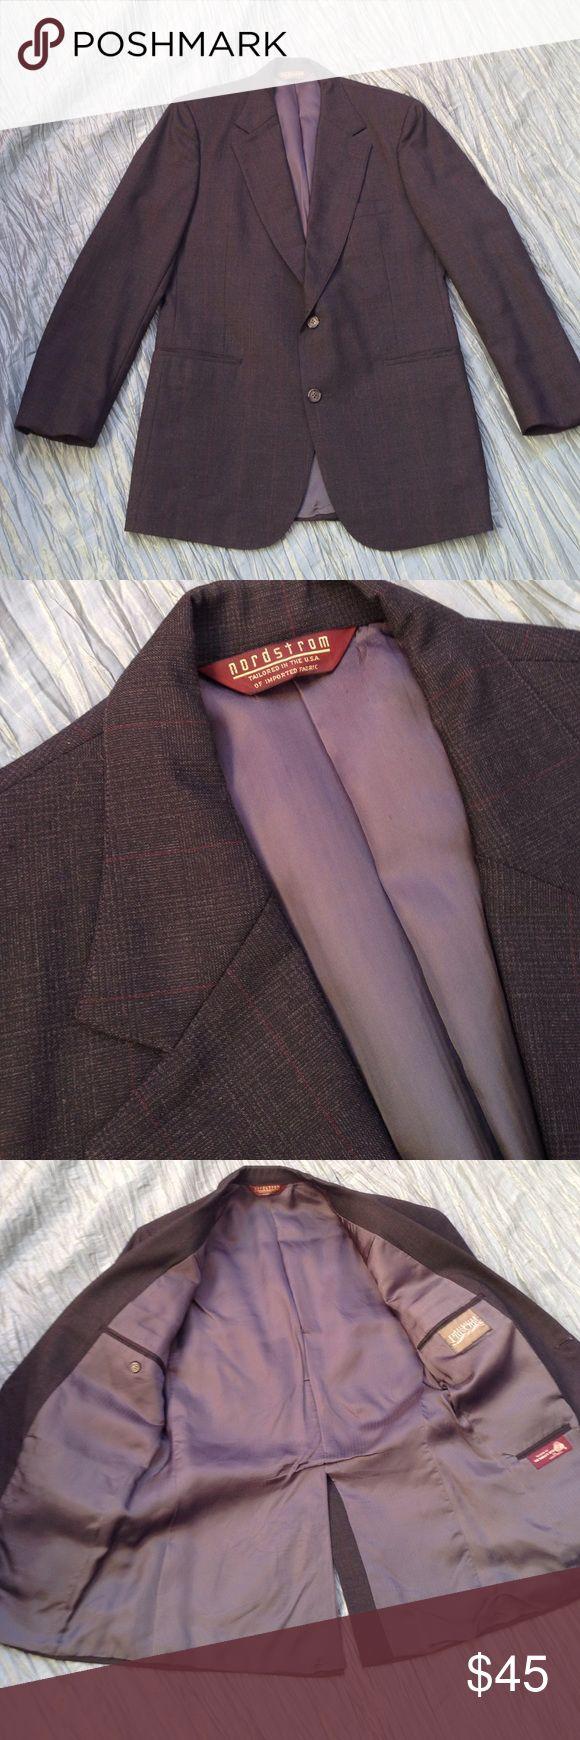 Nordstrom suit jacket Dark charcoal grey suit jacket. Fully lined. 39/33 Regular. Nordstrom Suits & Blazers Sport Coats & Blazers